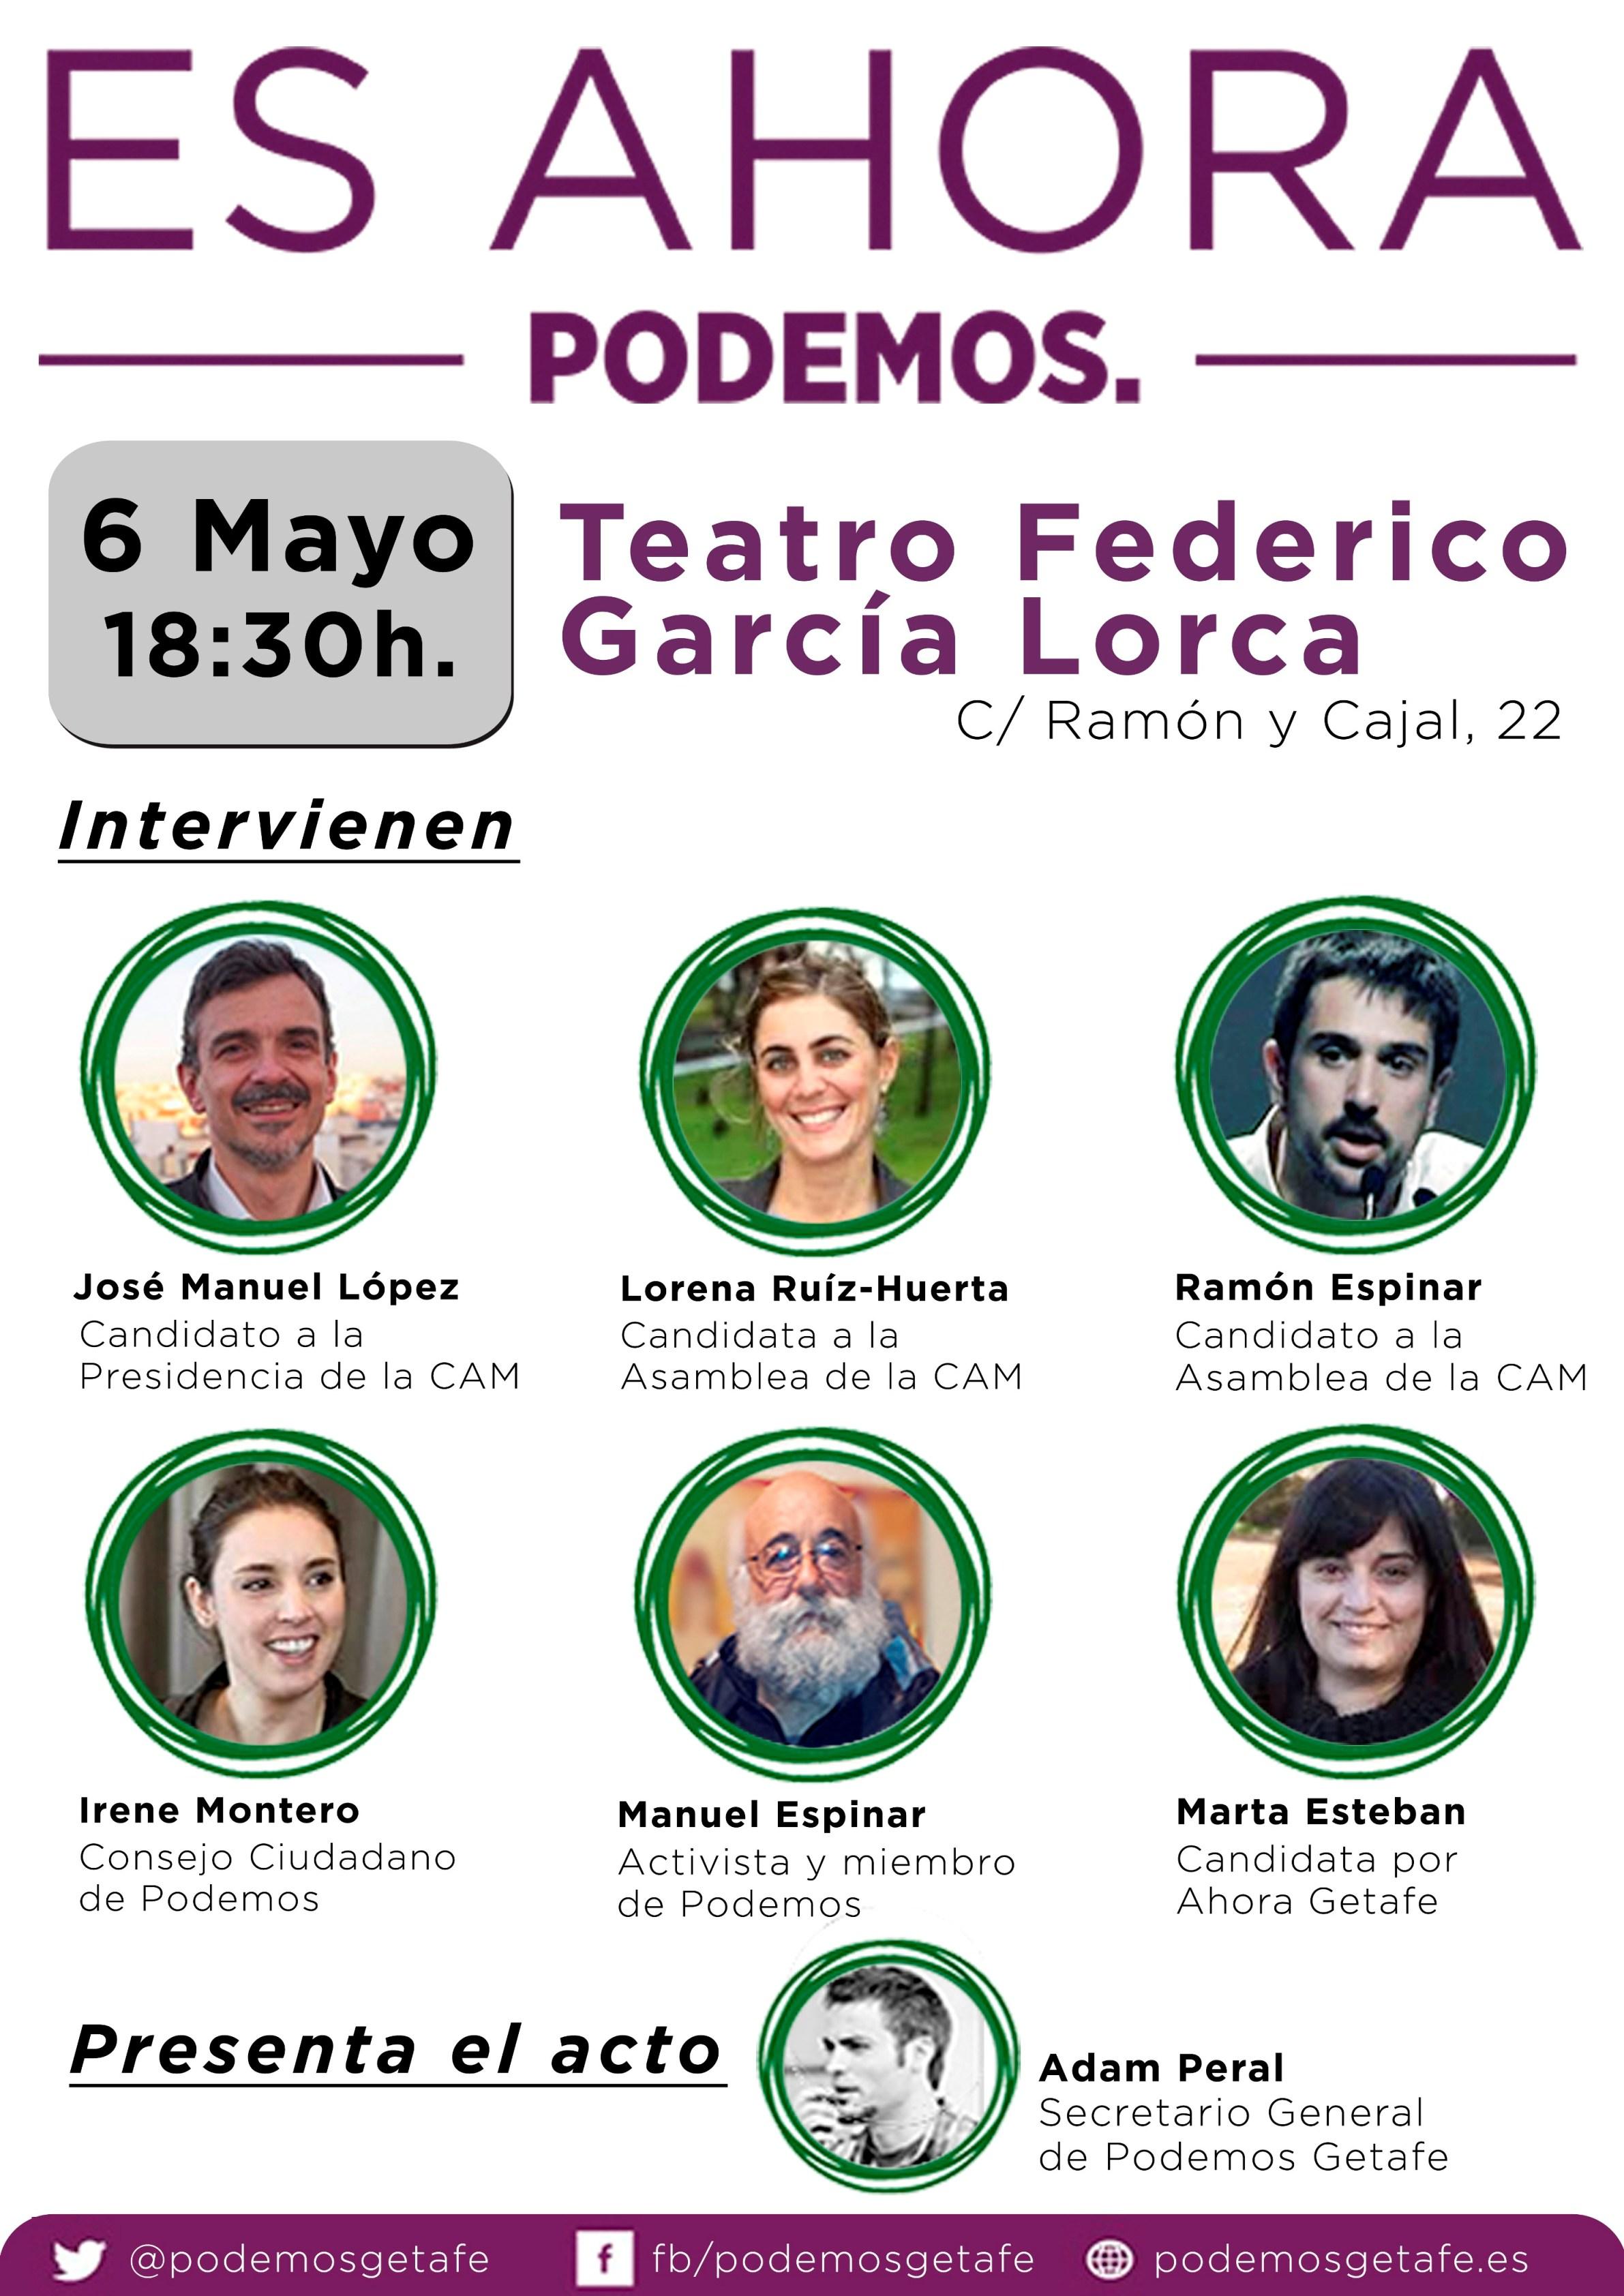 Acto de Presentación de la candidatura de Podemos a la Asamblea de Madrid